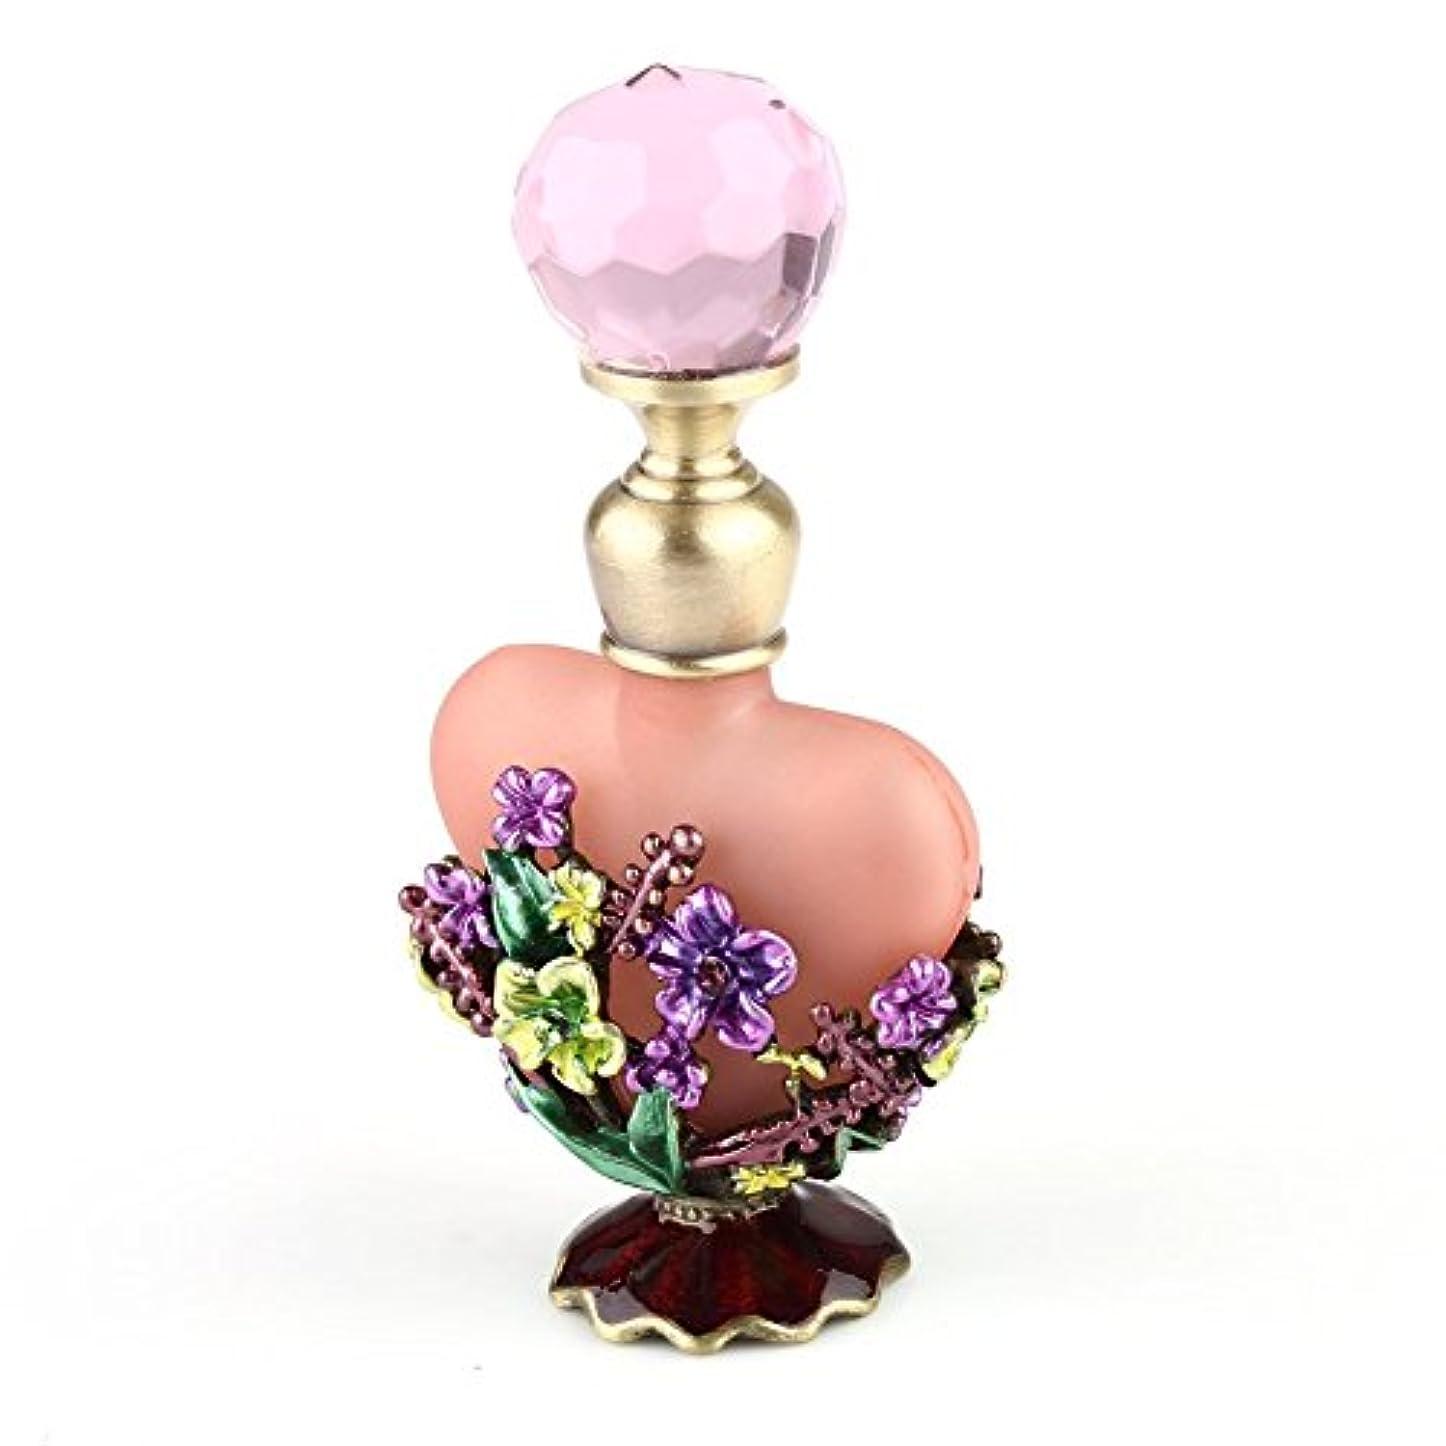 どう?トークン過度にVERY100 高品質 美しい香水瓶/アロマボトル 5ML ピンク アロマオイル用瓶 綺麗アンティーク調フラワーデザイン プレゼント 結婚式 飾り